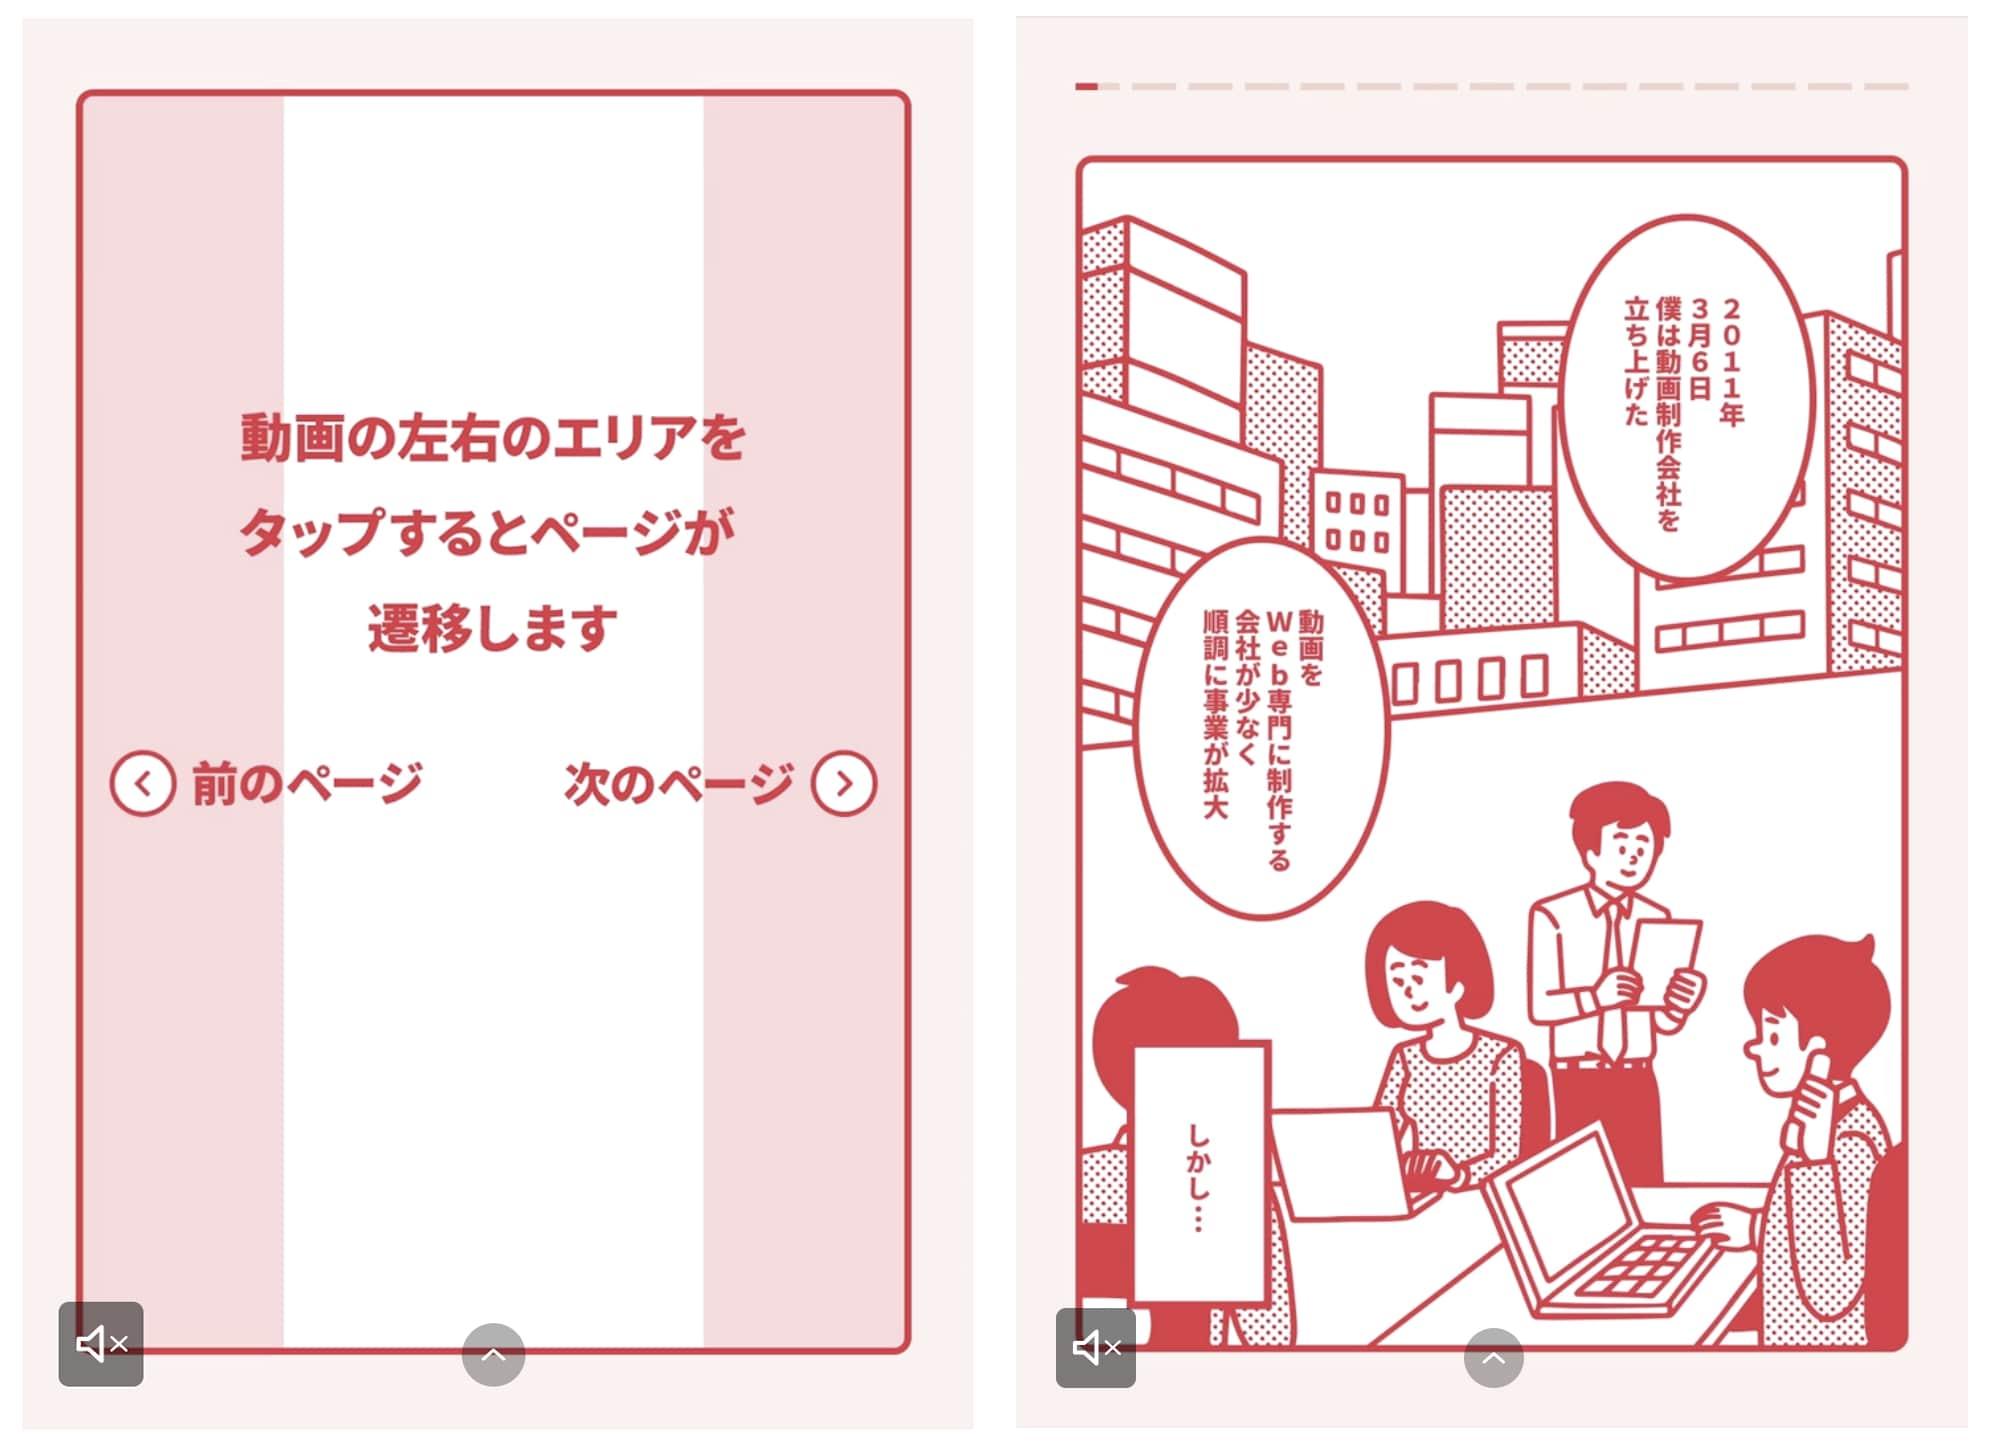 インタラクティブコミック動画「MIL CREATE PARTNERS」掲載サンプル1